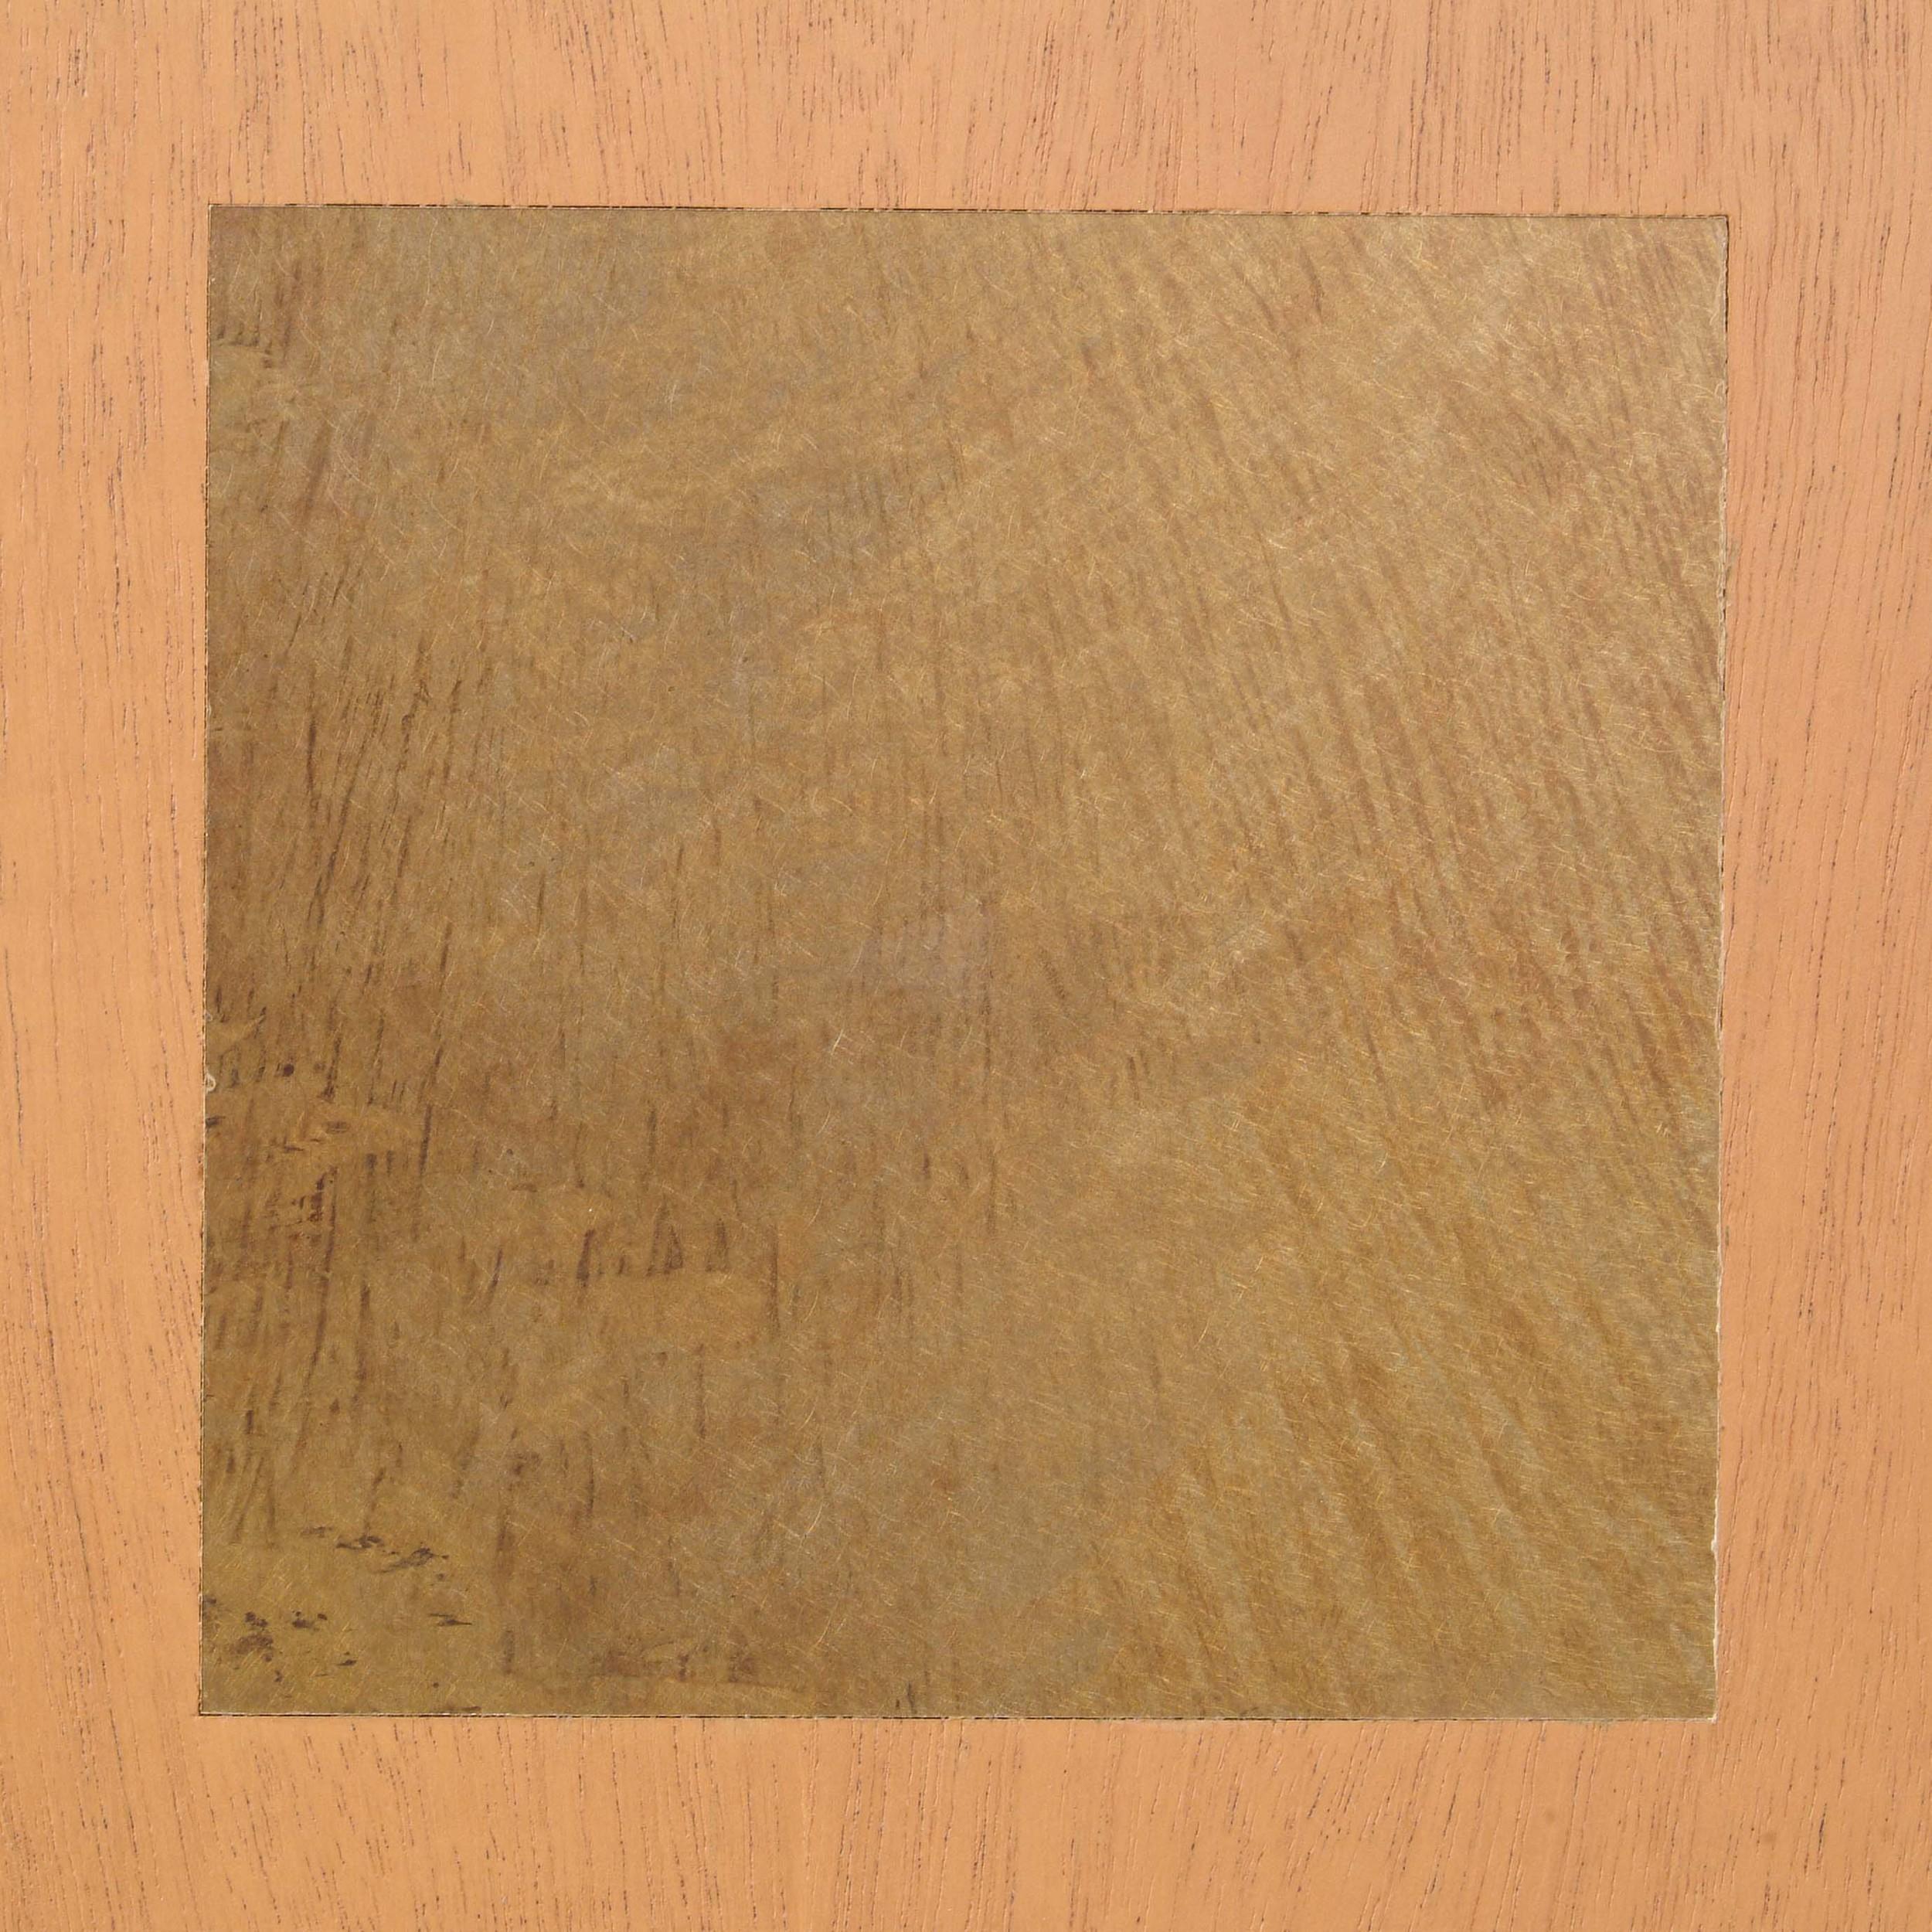 stollermetals-Cabinet Detail 2.jpg